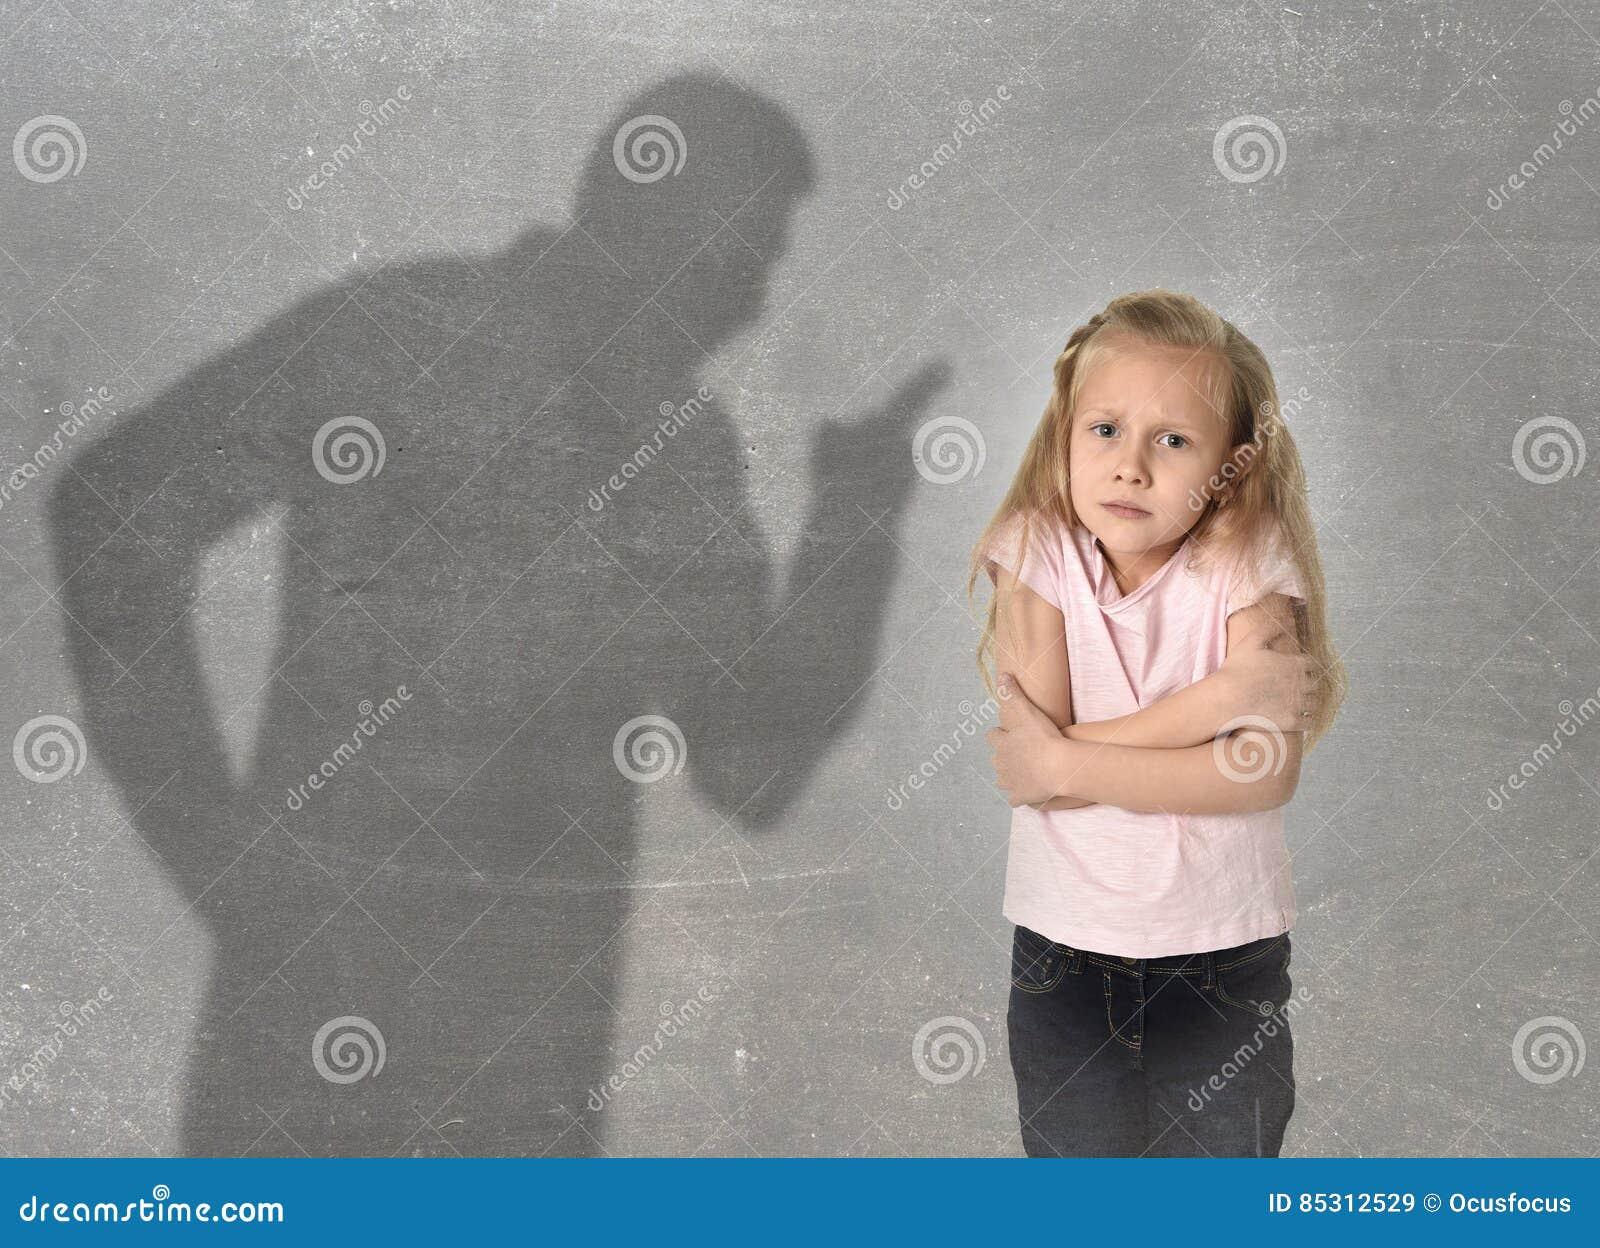 Sombra del padre o del profesor que grita la pequeña colegiala o hija dulce joven de reprensión enojada